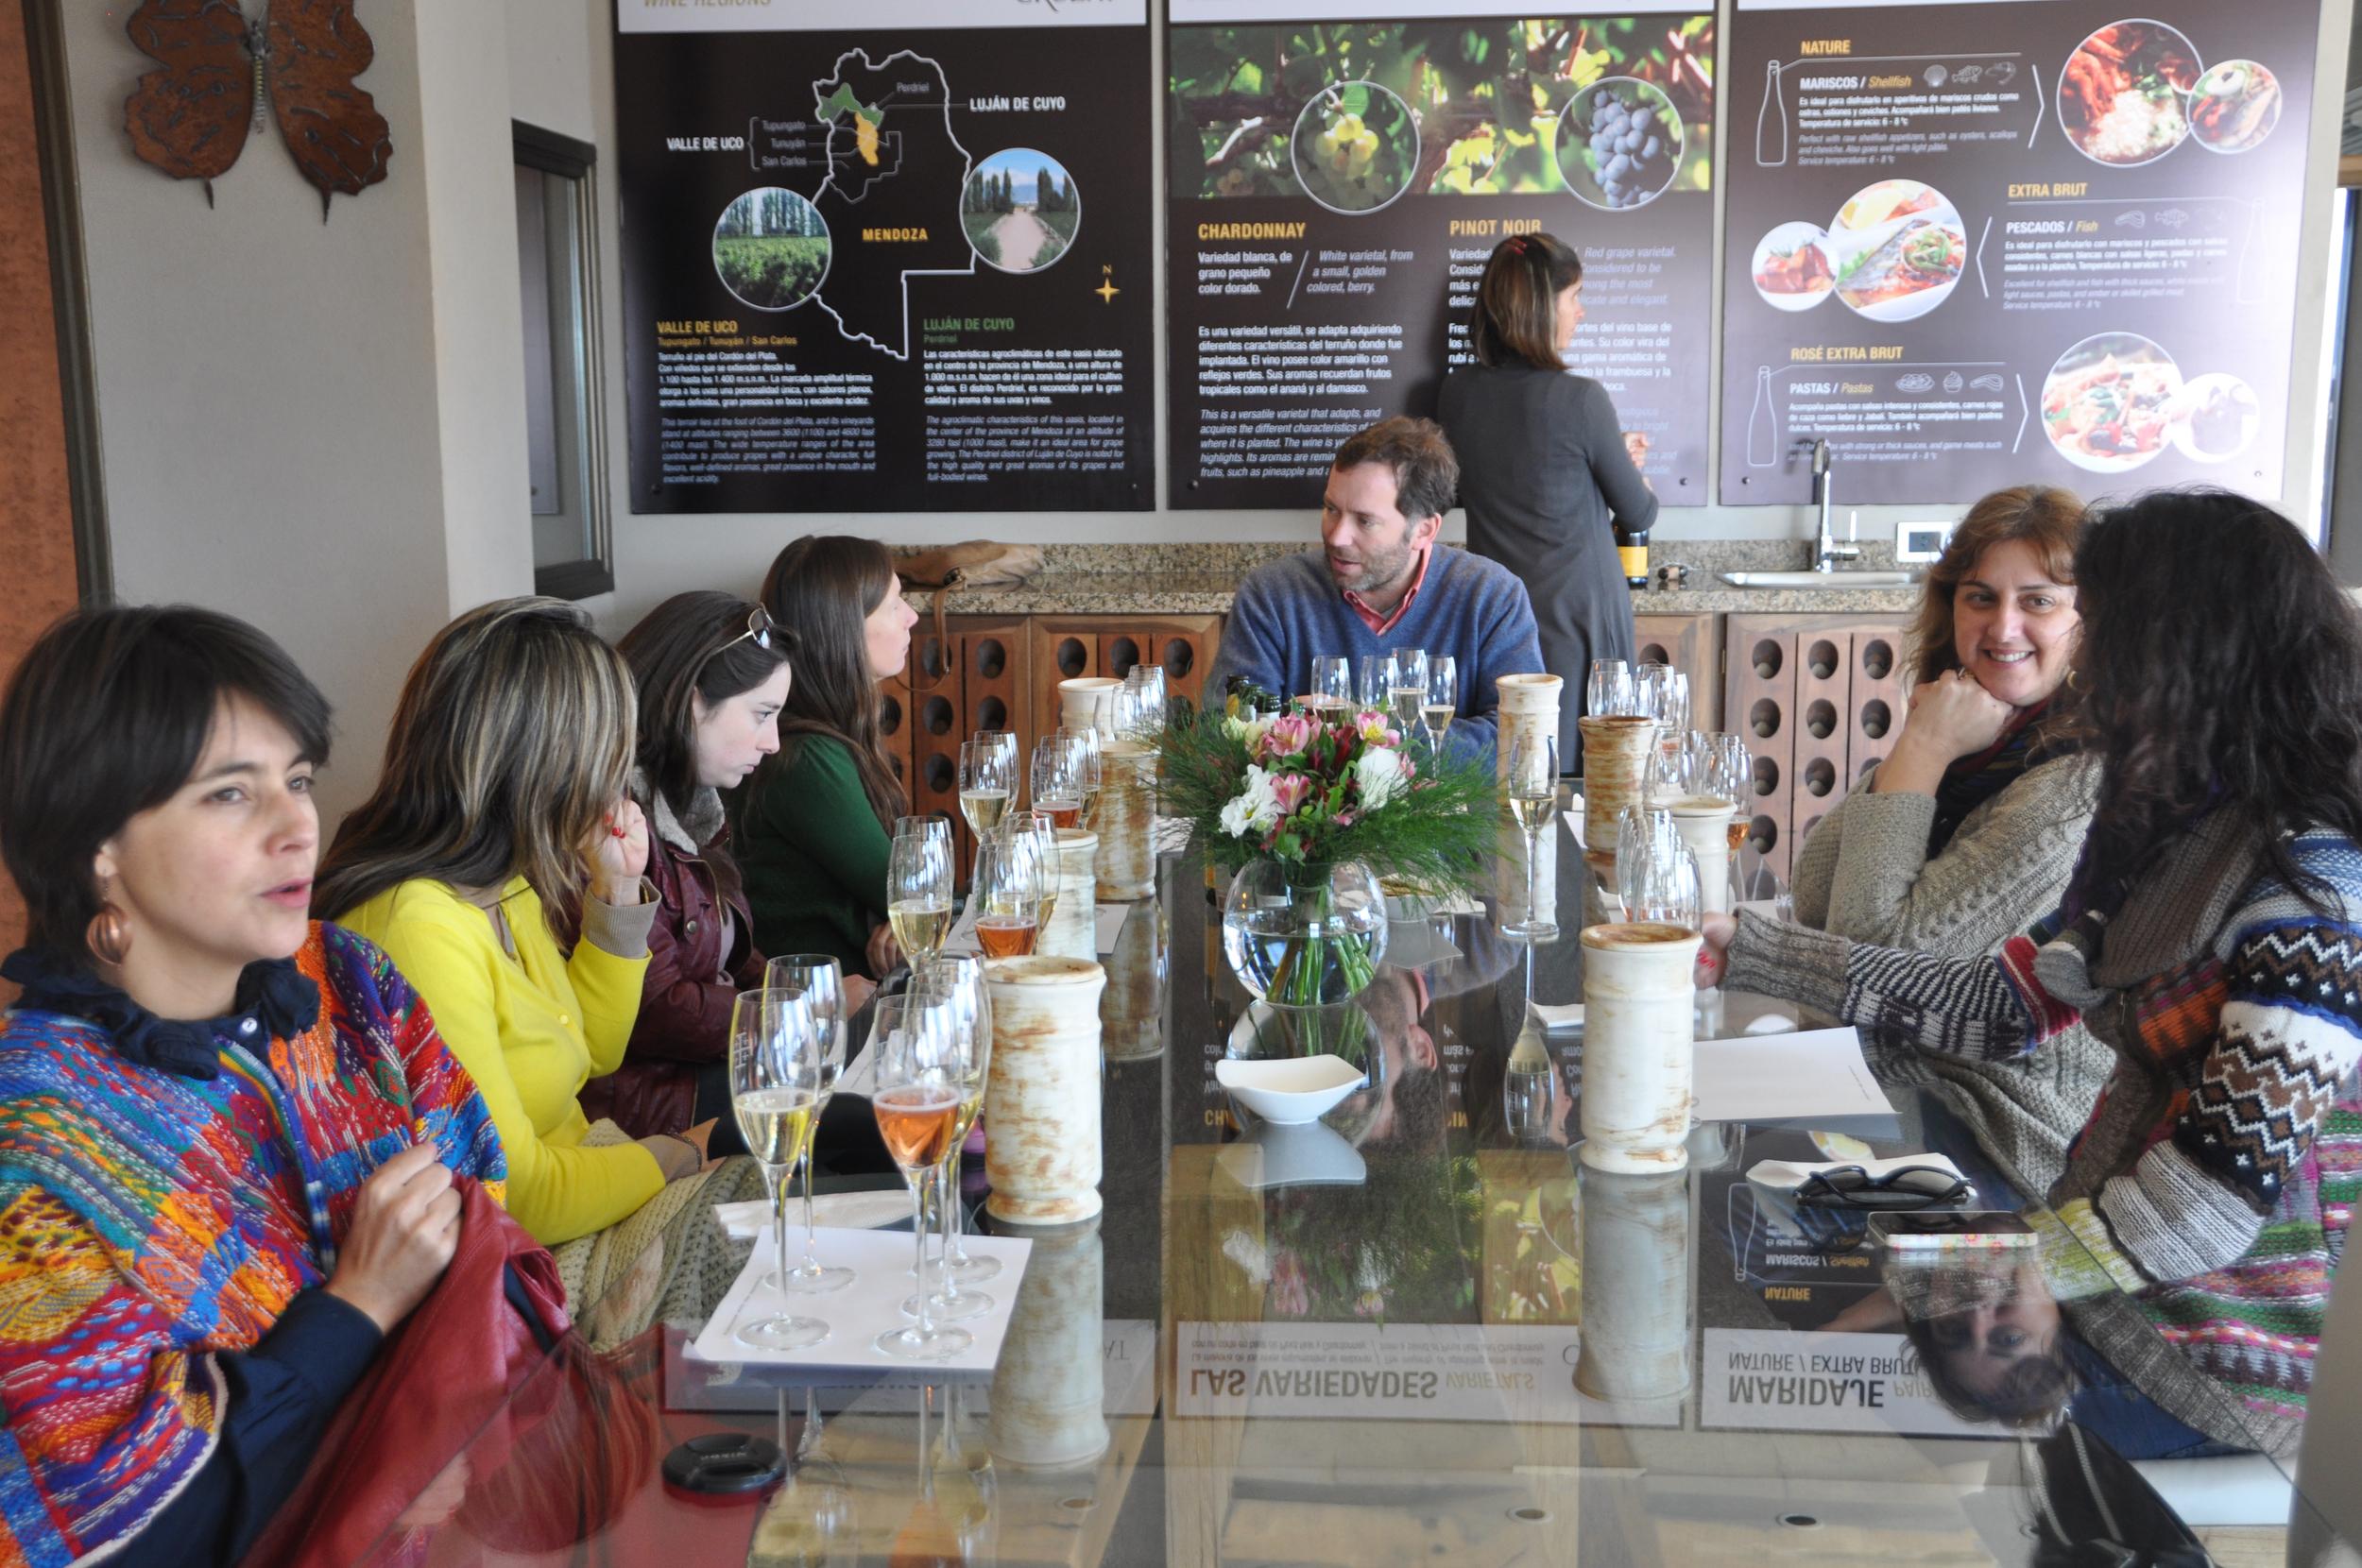 Grupos de turistas degustando los vinos de la bodega.